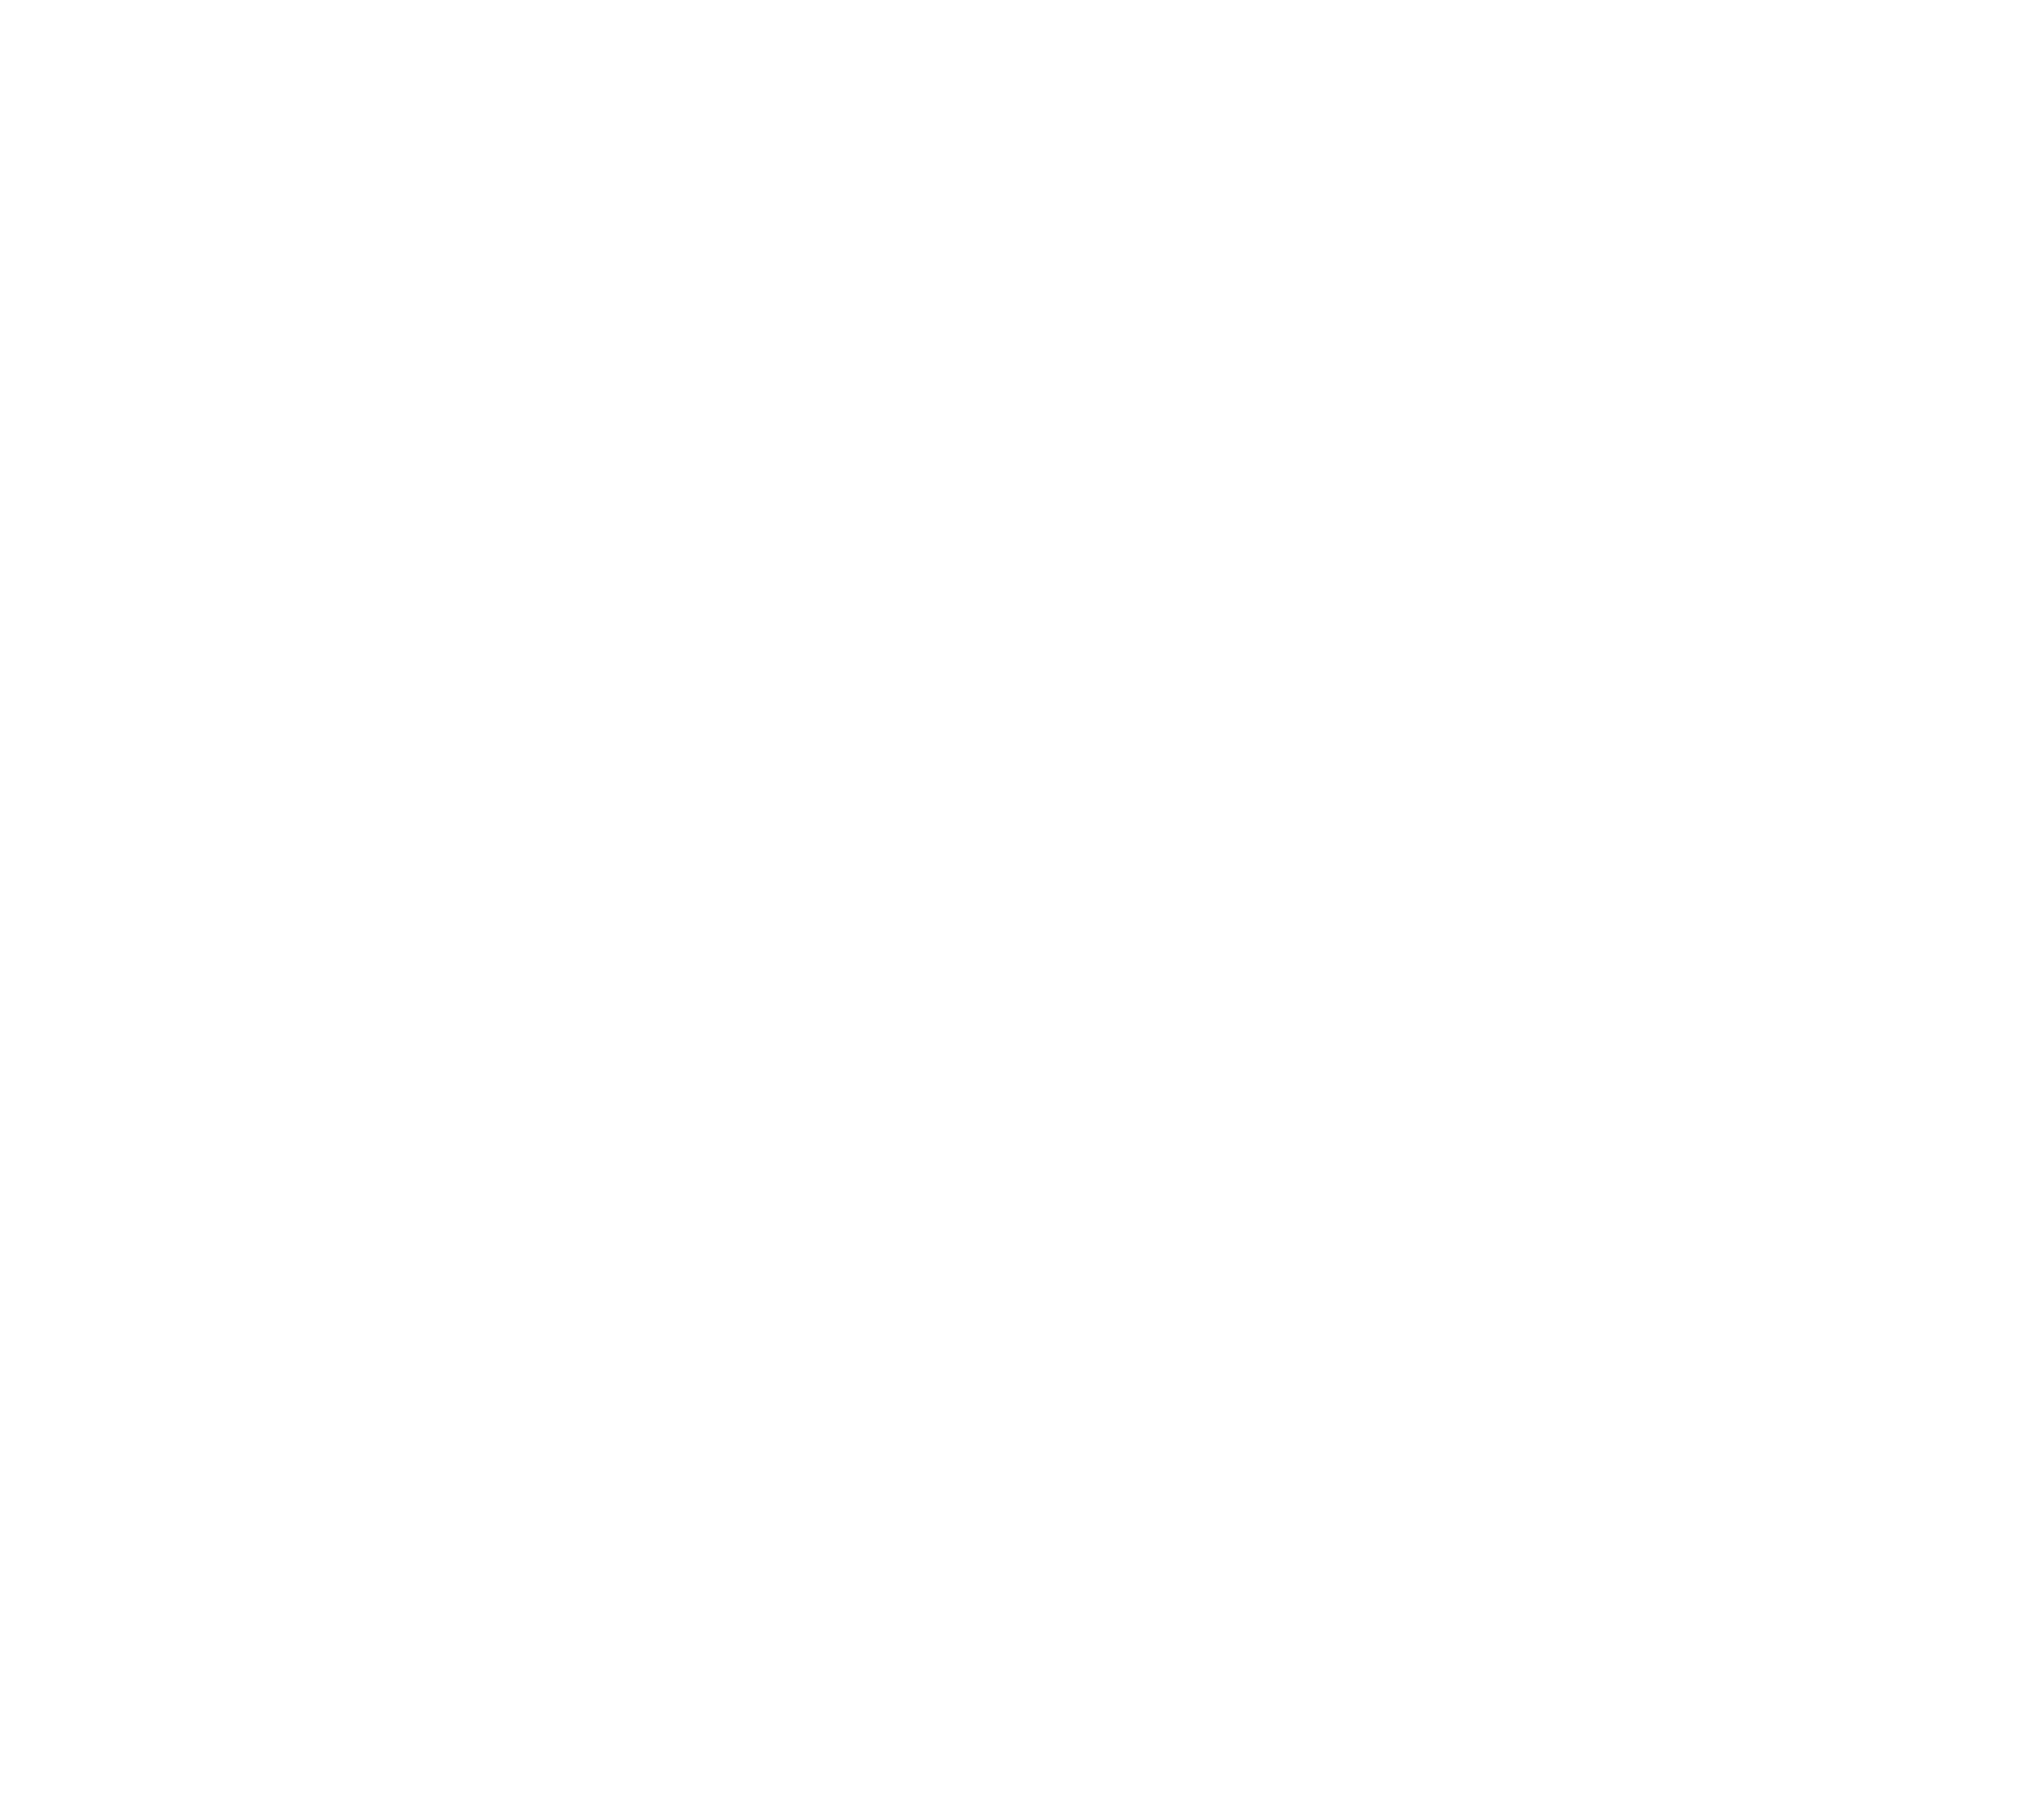 KCB-ART